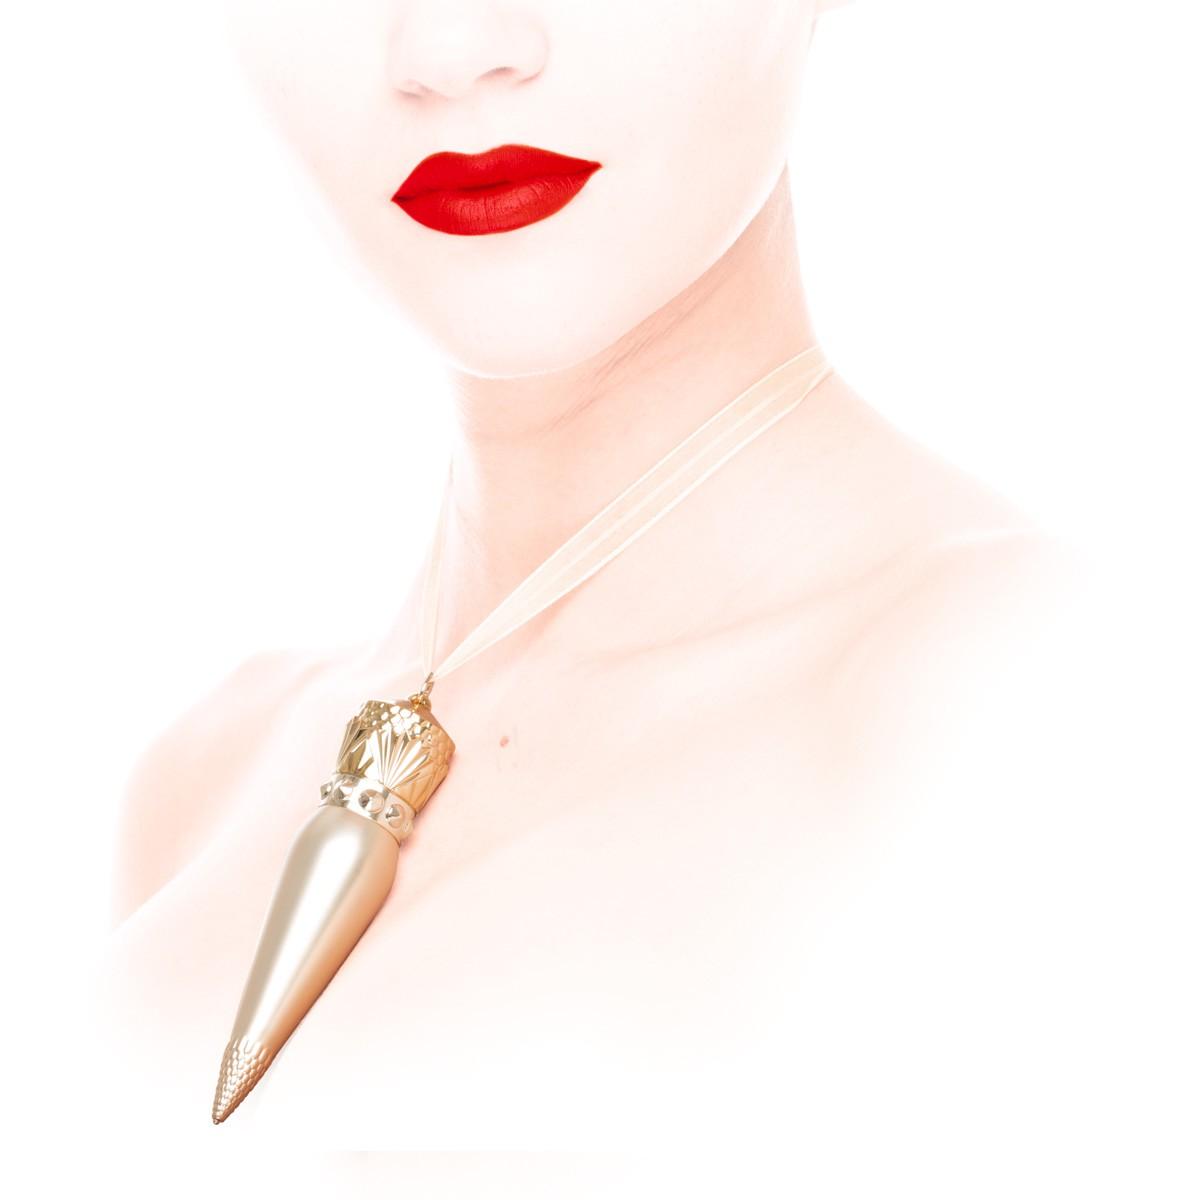 Beauty - Altressa Loubigraffiti - Christian Louboutin